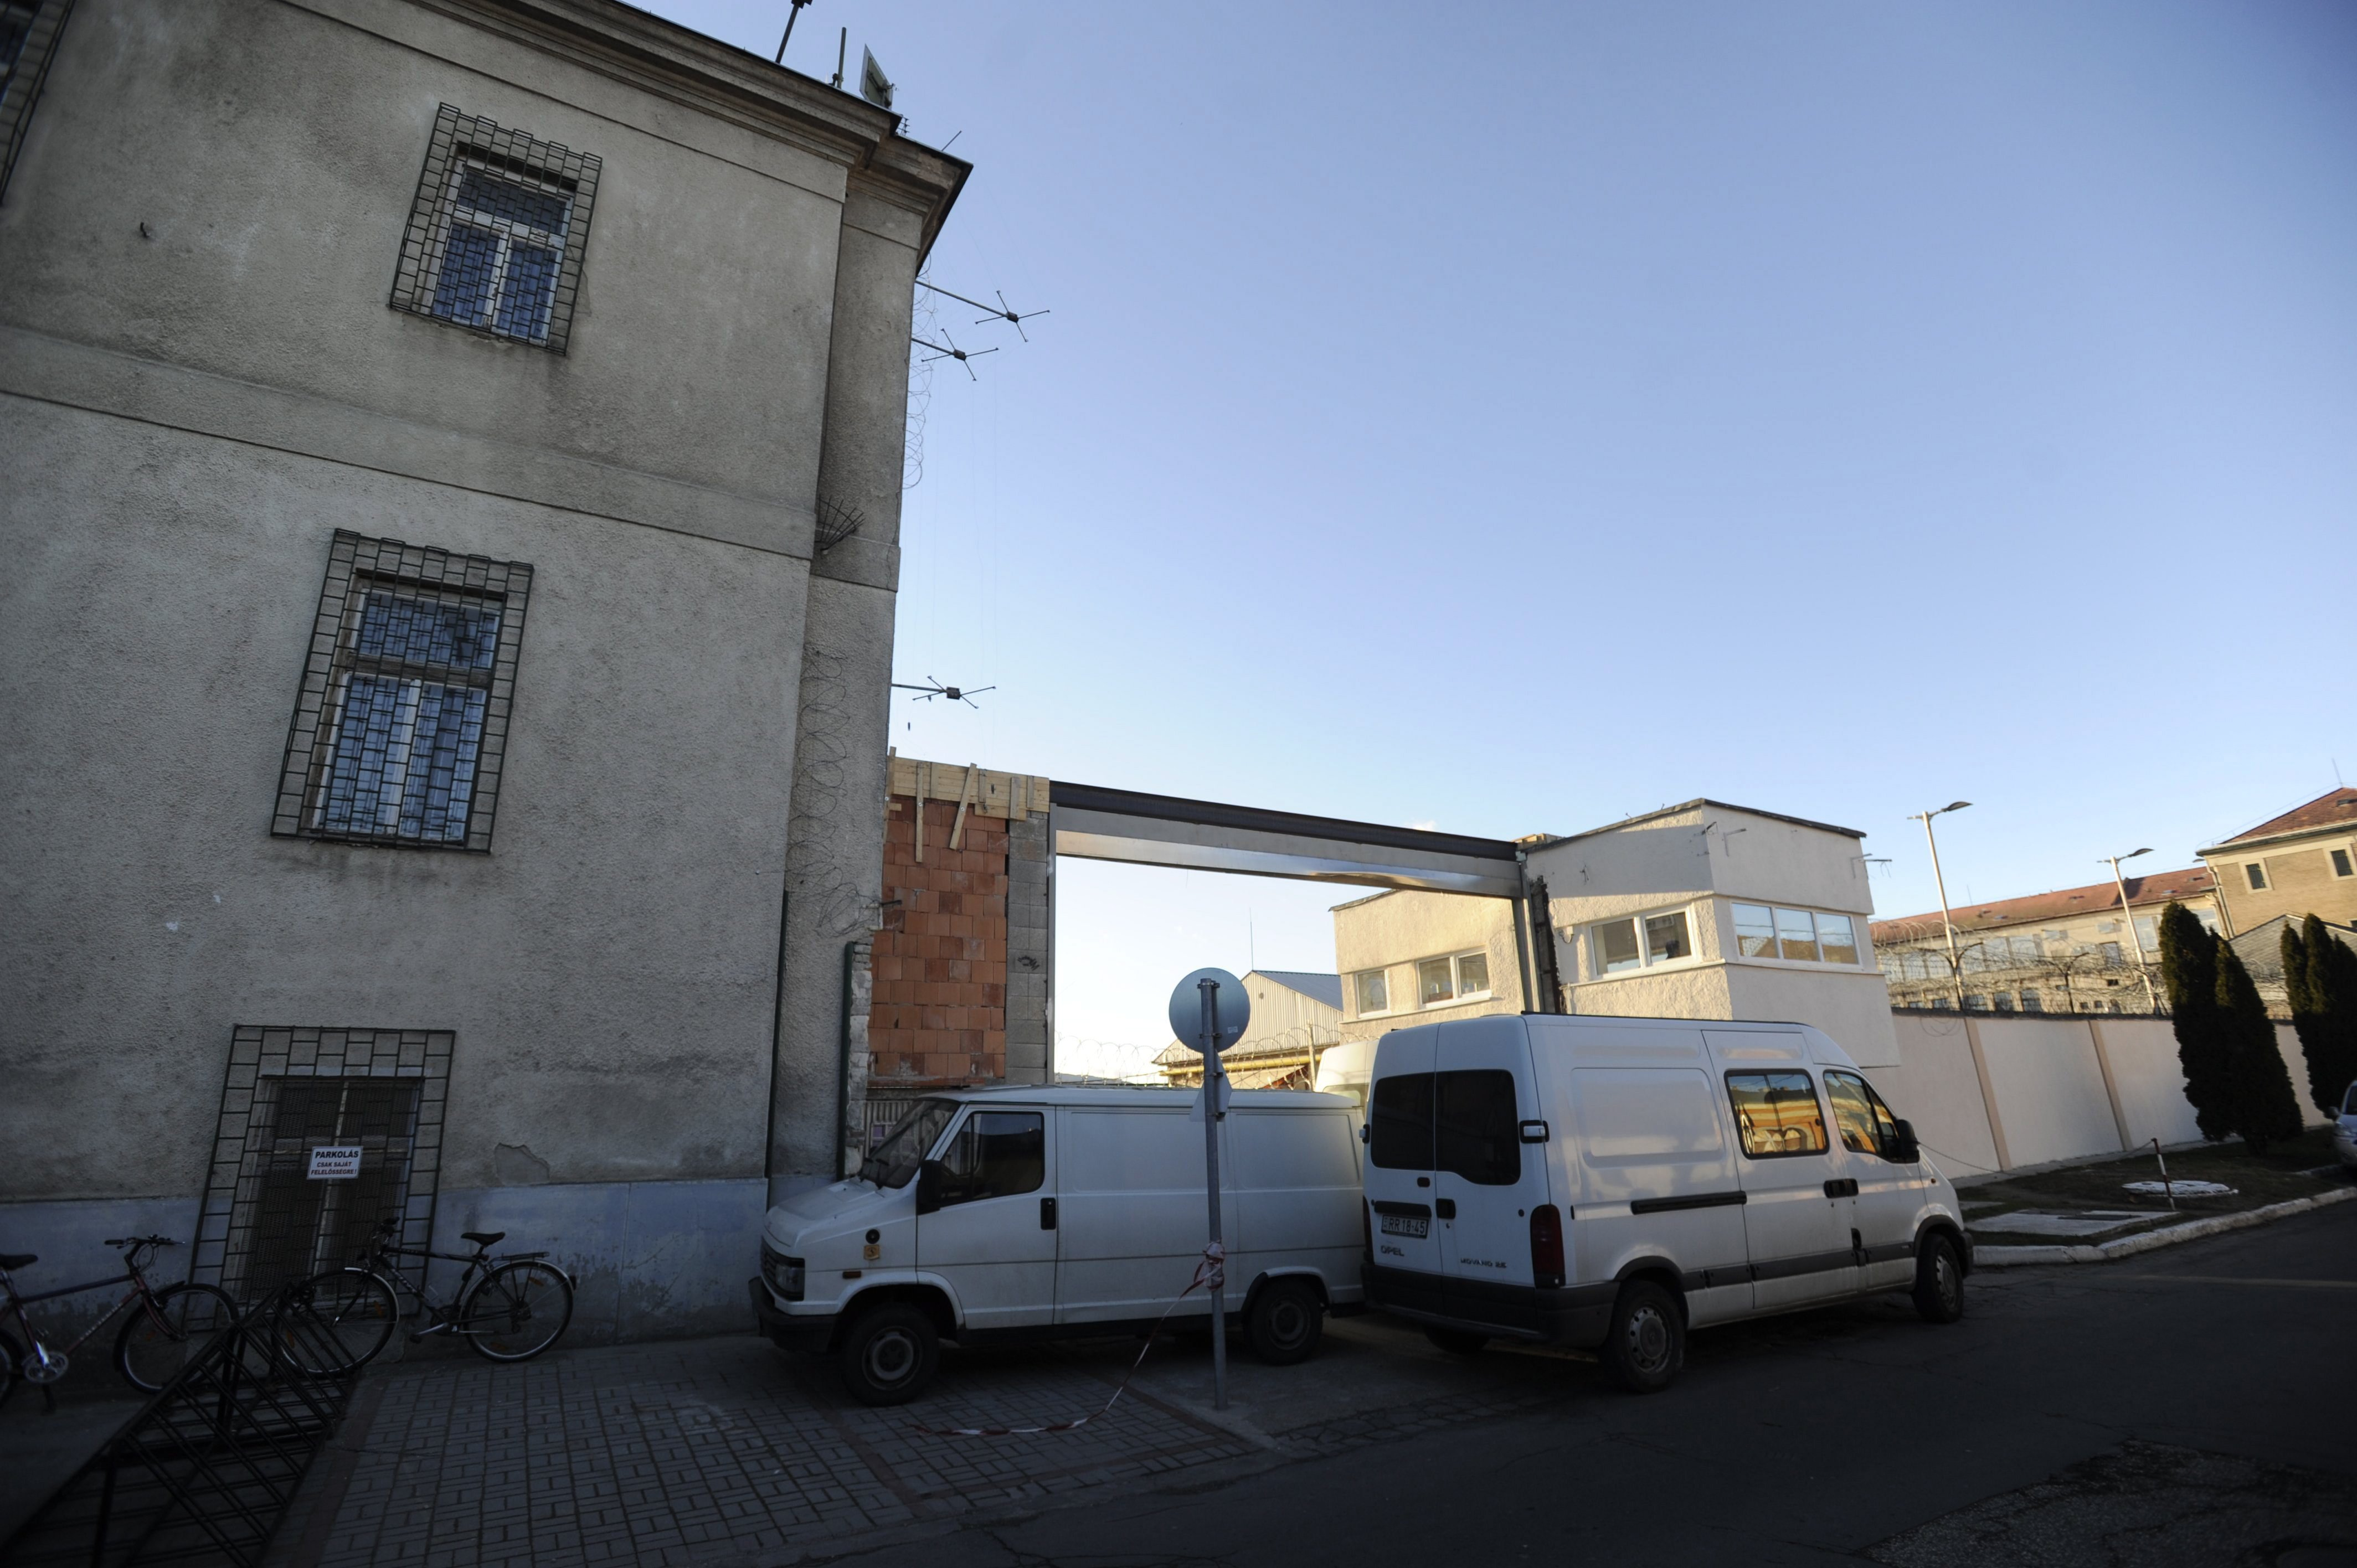 Tökéletes képek a váci börtön elől, ahol kisbusz helyettesíti a viharban kidőlt kaput